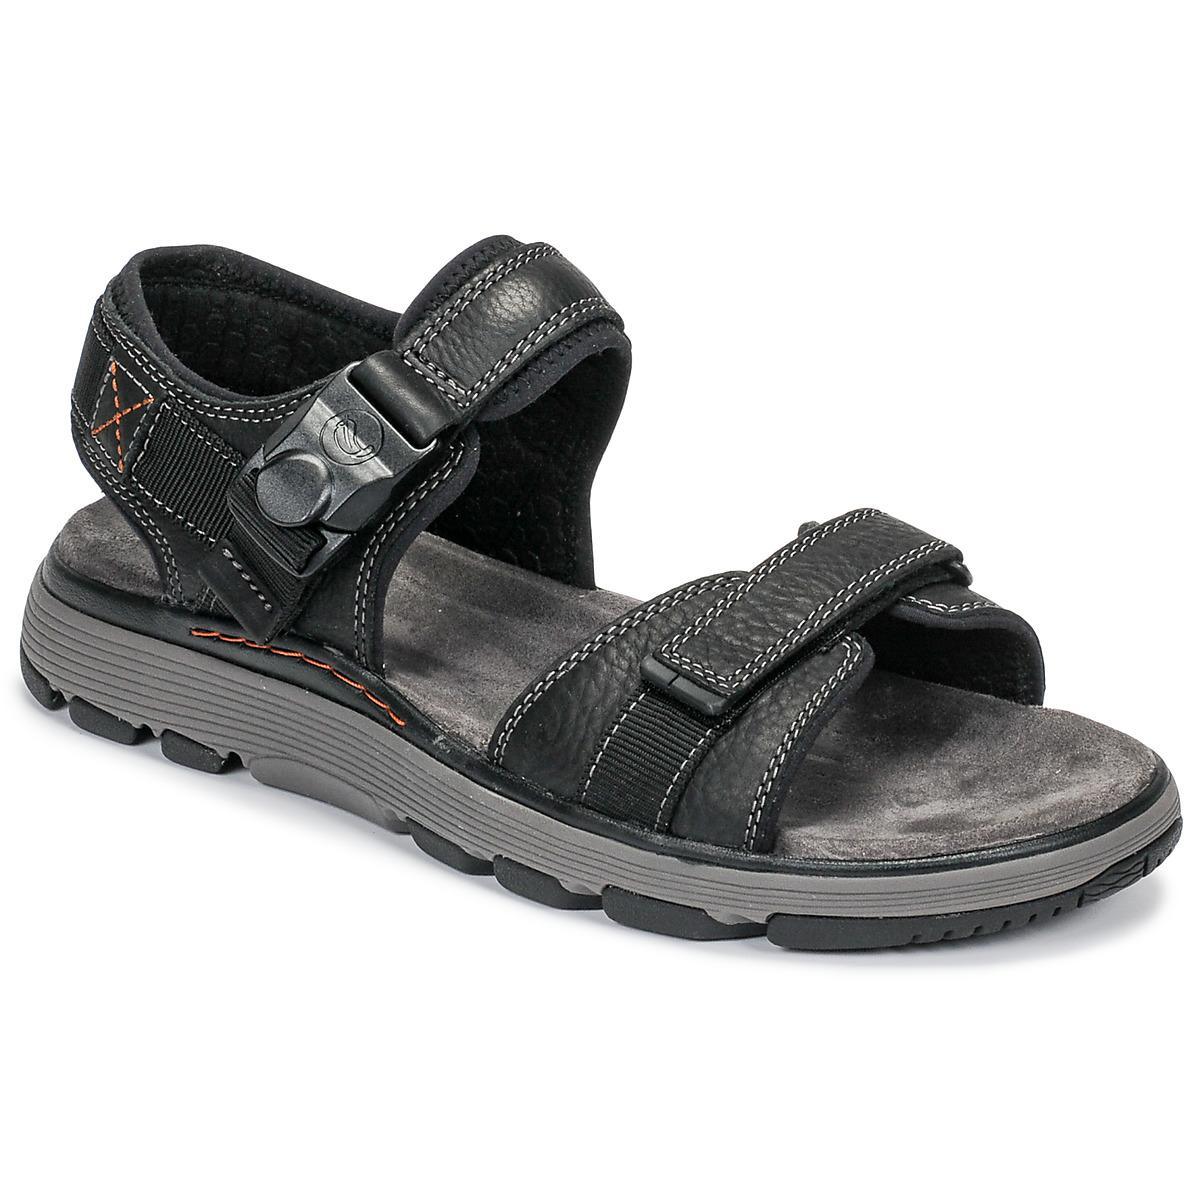 b9f78e6c82bc Clarks Un Trek Part Sandals in Black for Men - Save 3% - Lyst